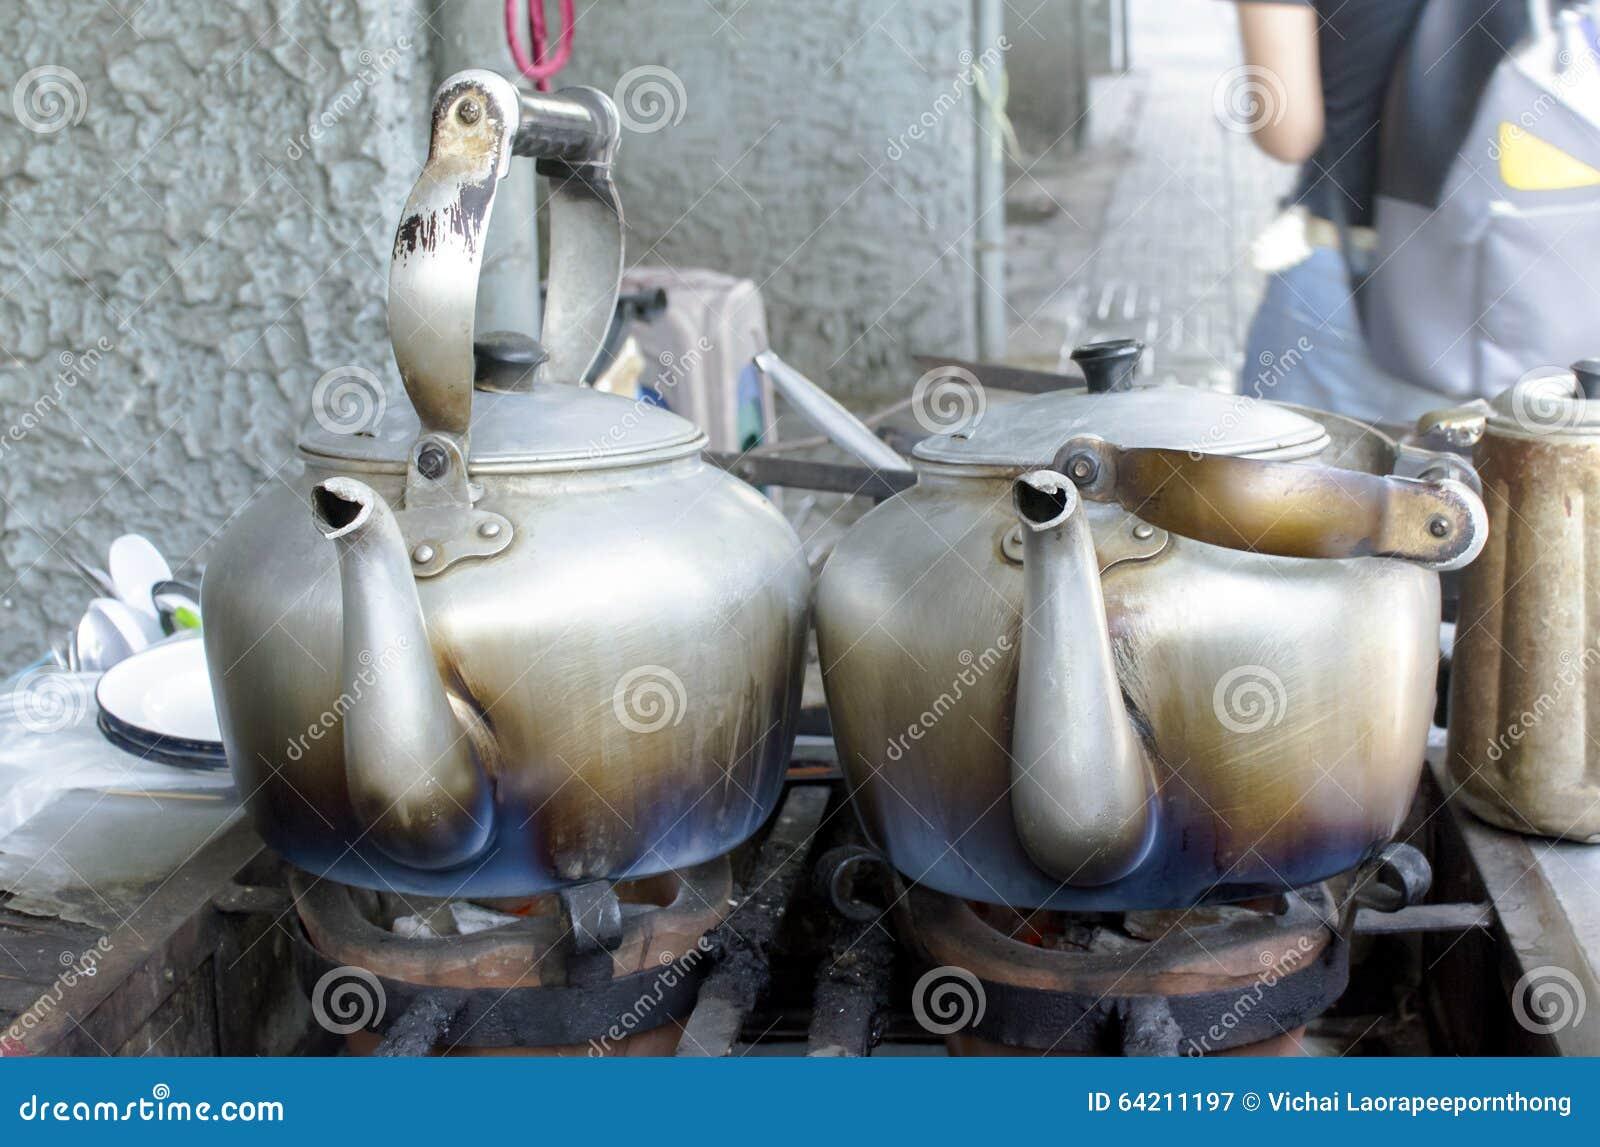 Calderas clásicas viejas para el agua hirvienda en estufa